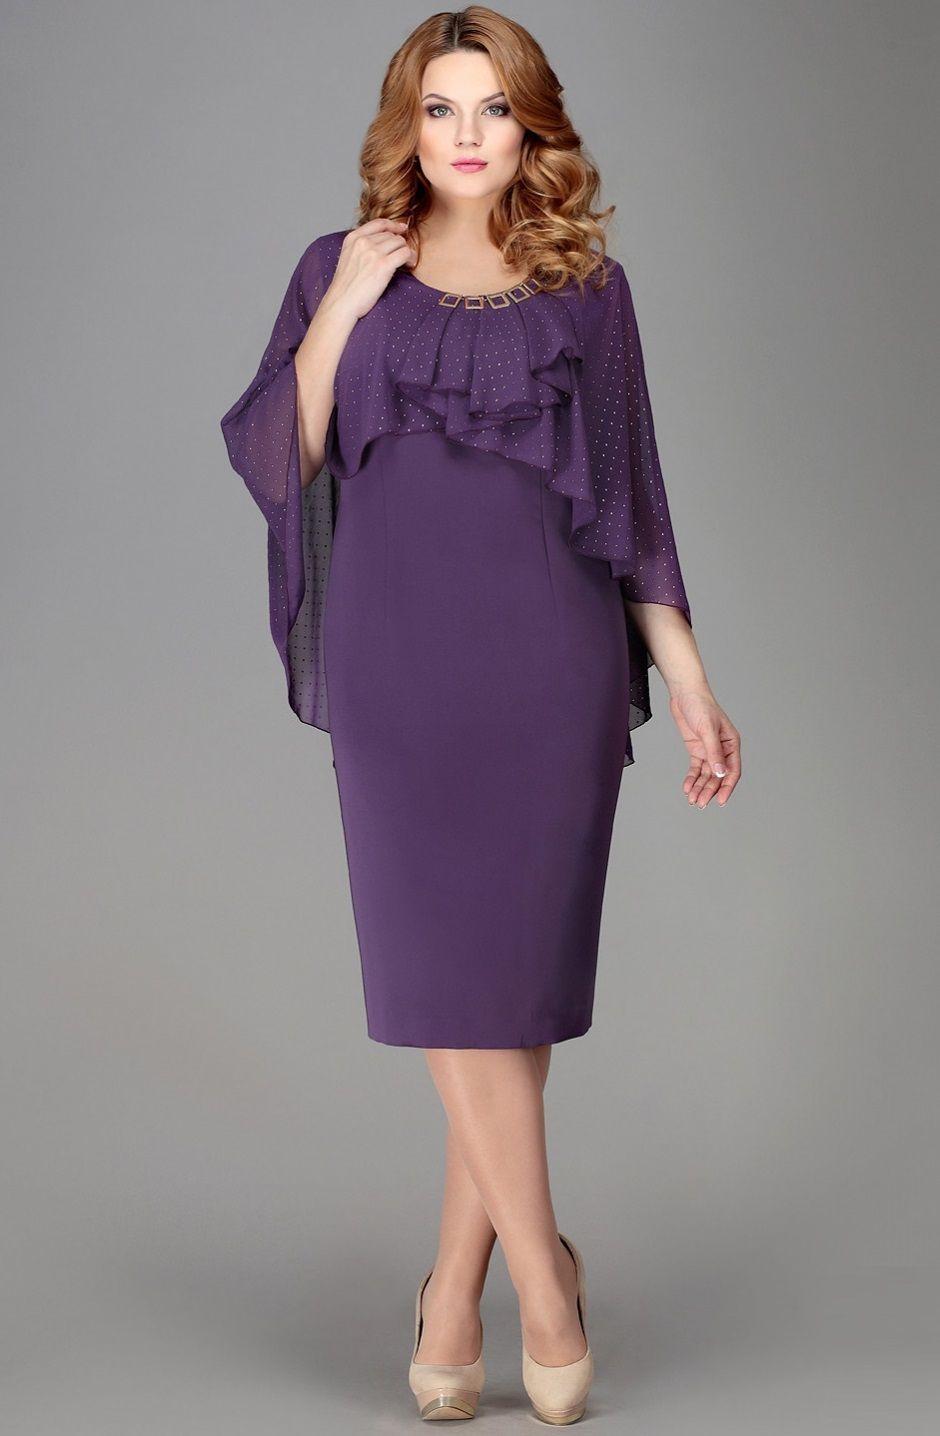 Платье большого размера | Шитье. Plus size. | Pinterest | Vestiditos ...